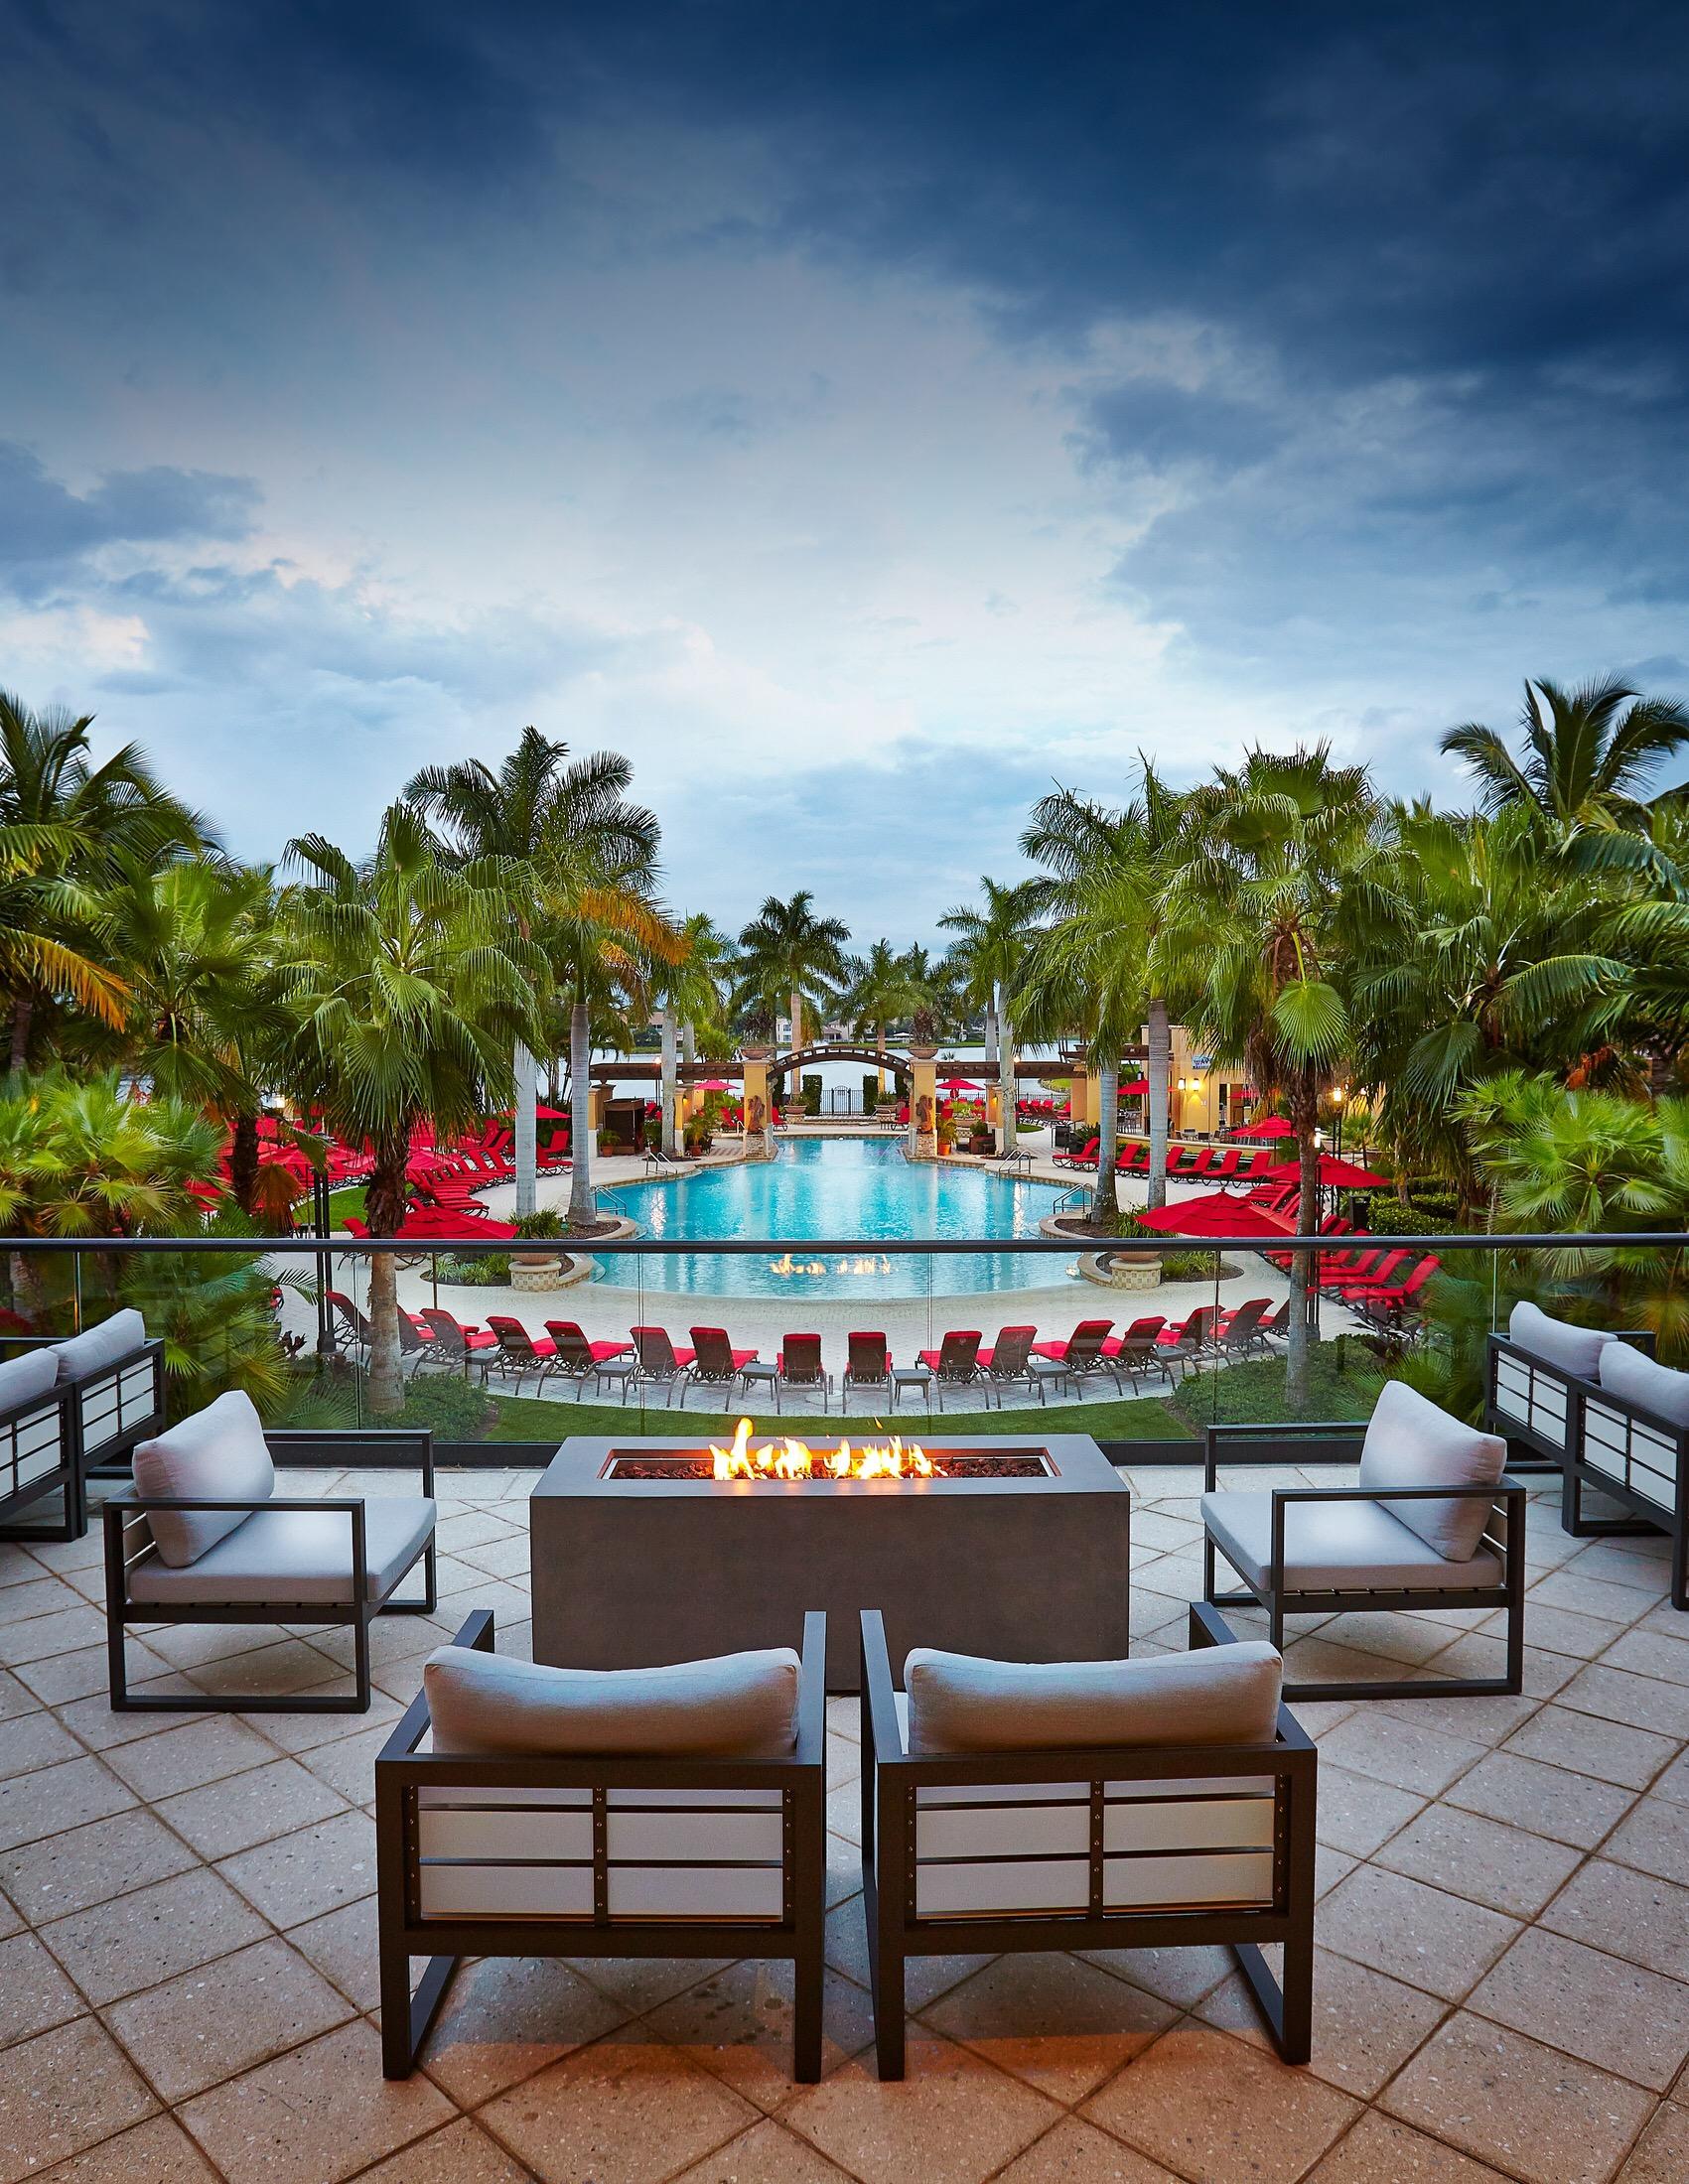 Restaurants On Pga Blvd In Palm Beach Gardens Best